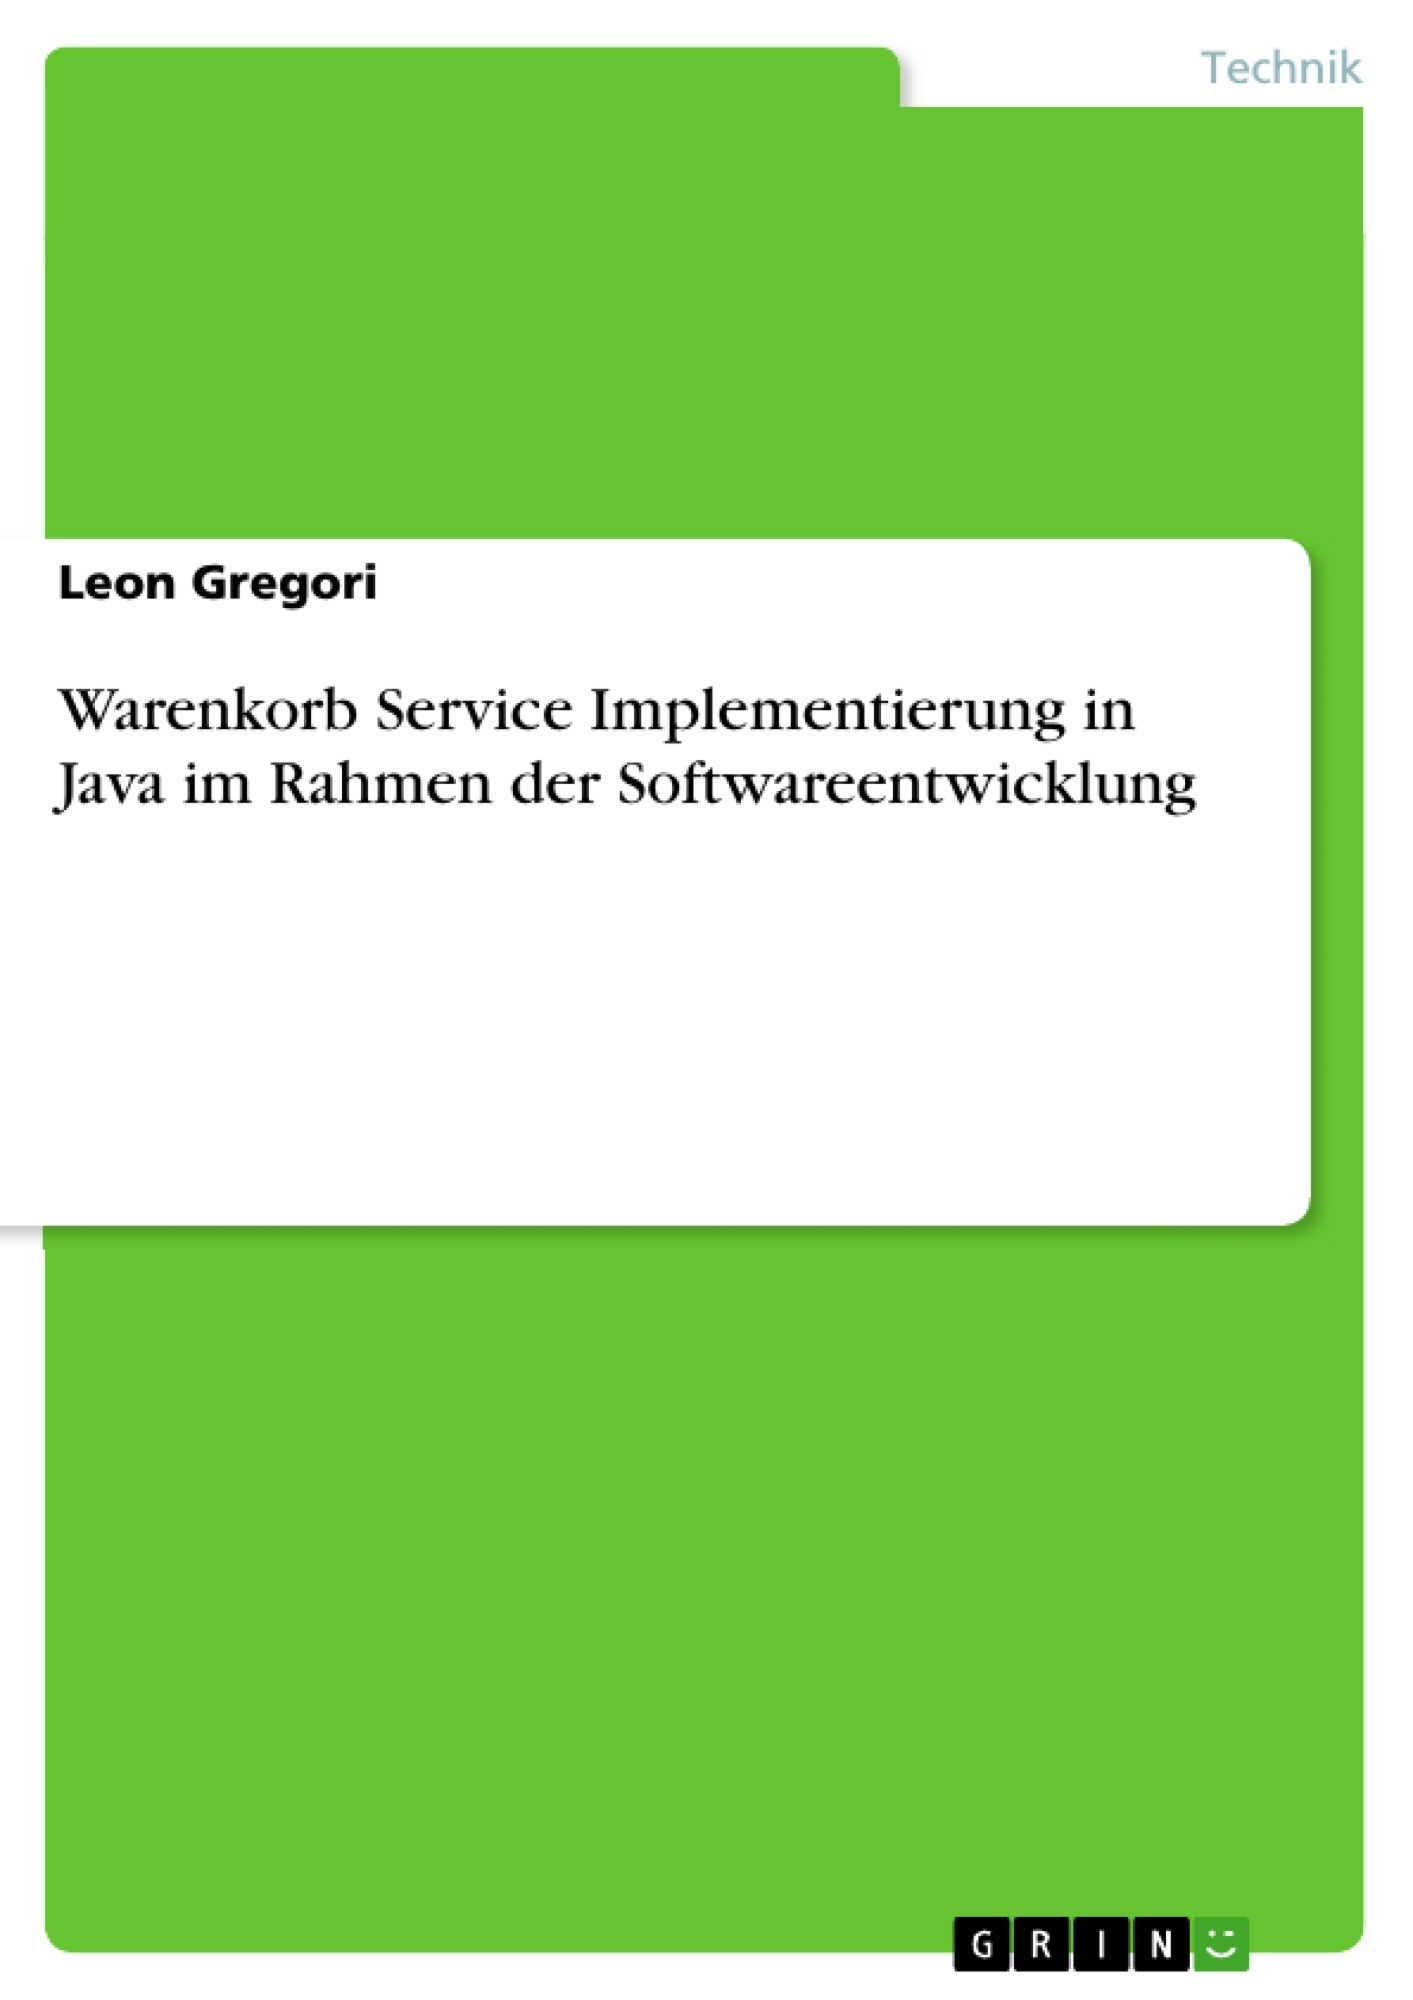 Titel: Warenkorb Service Implementierung in Java im Rahmen der Softwareentwicklung